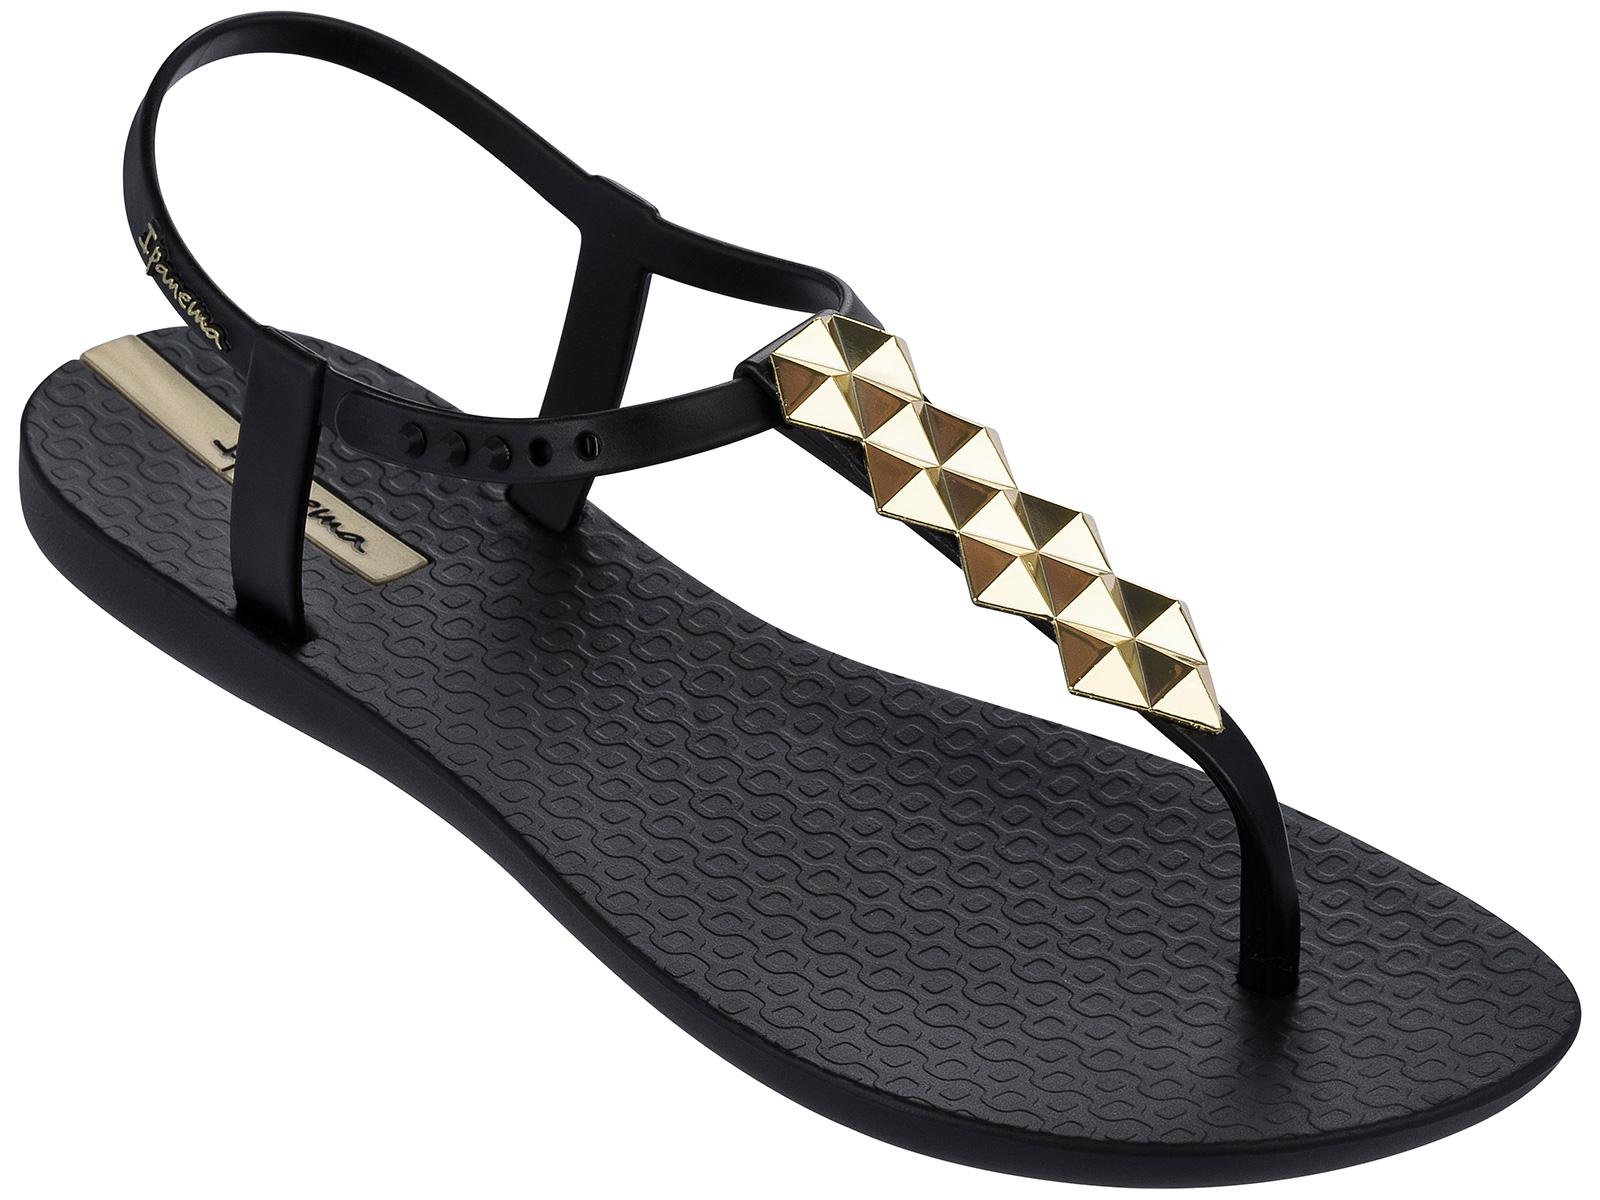 Ipanema Black Flip Flops - Ipanema Charm Ii Sandal Black -7561